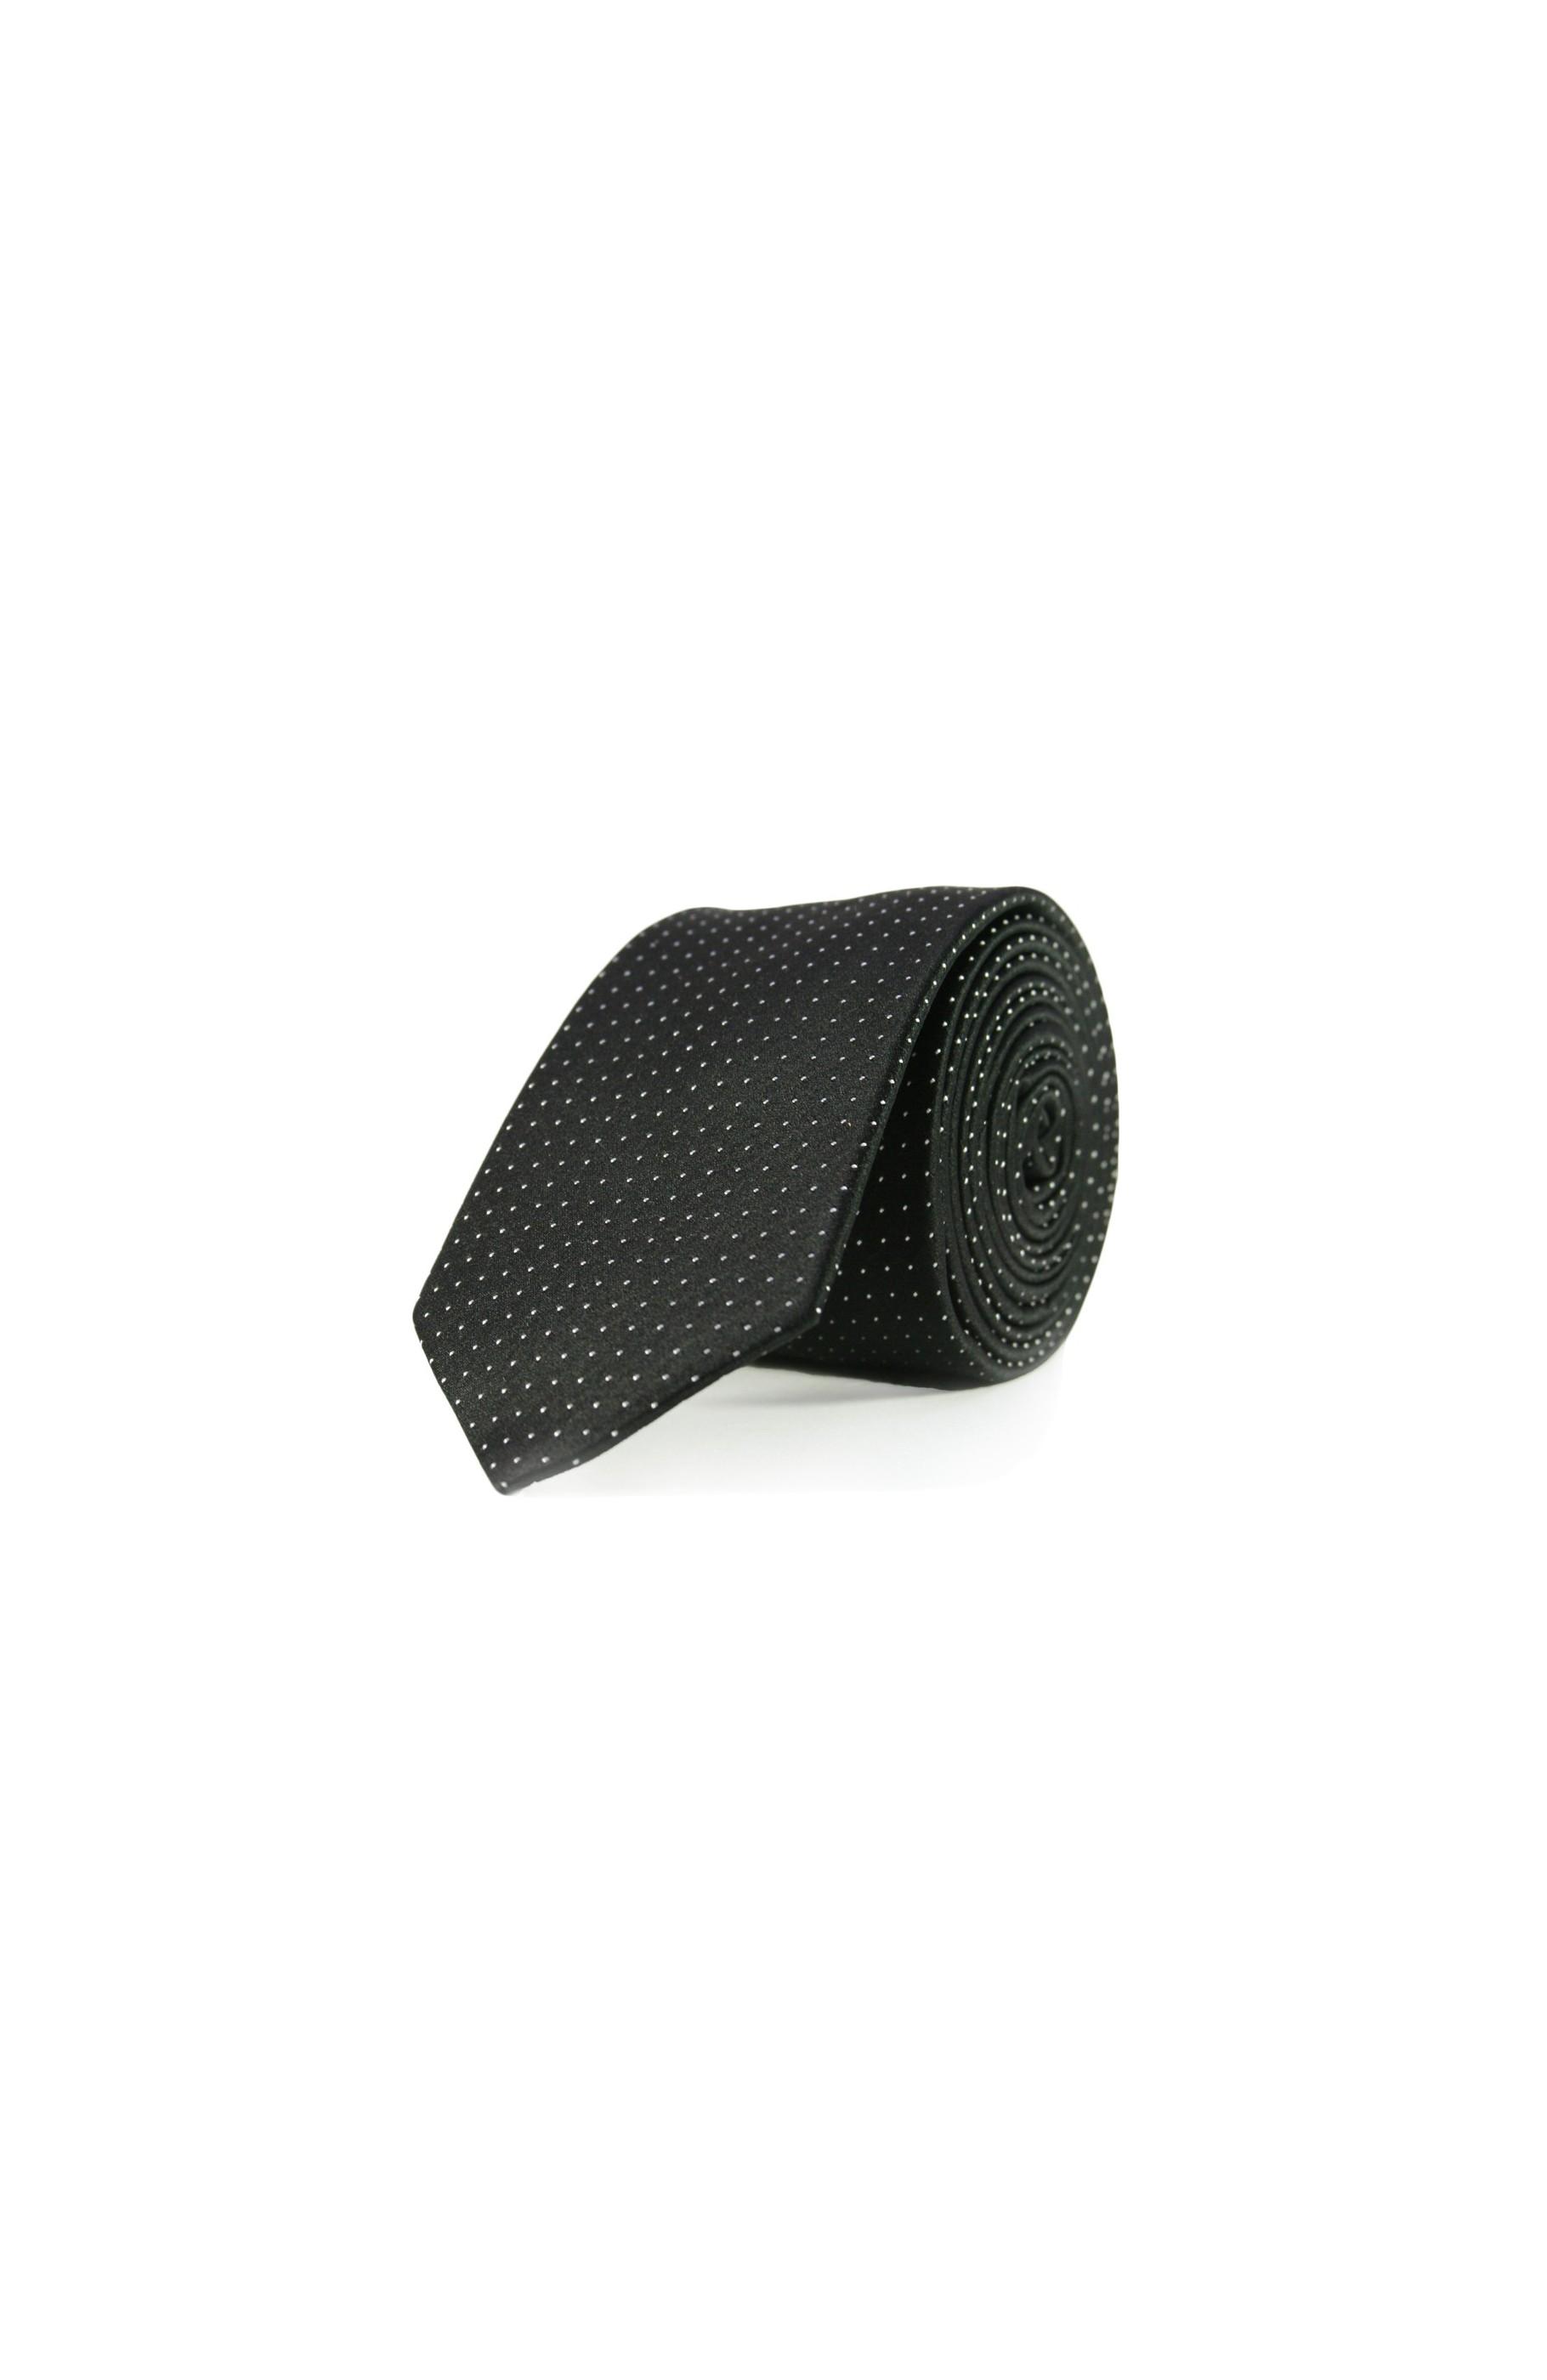 Majesté Couture Paris: Regular black tie | Accessories -  Hiphunters Shop